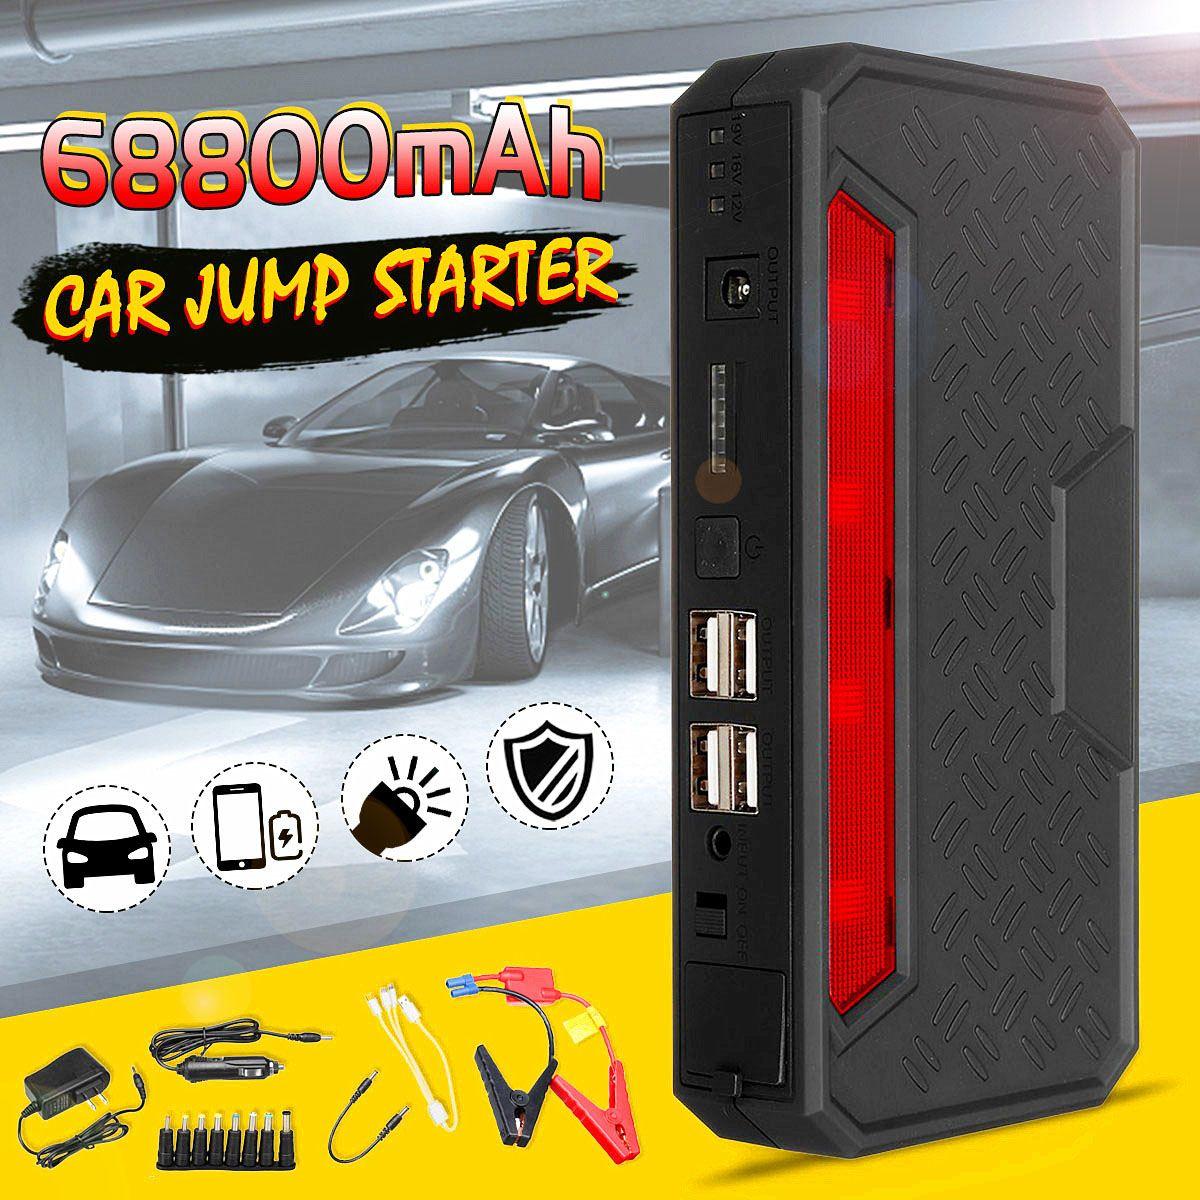 68800 mAh 12 V multifonctionnel voiture saut démarreur 4USB chargeur d'urgence Booster batterie externe voyant LED de batterie batterie externe pour voiture